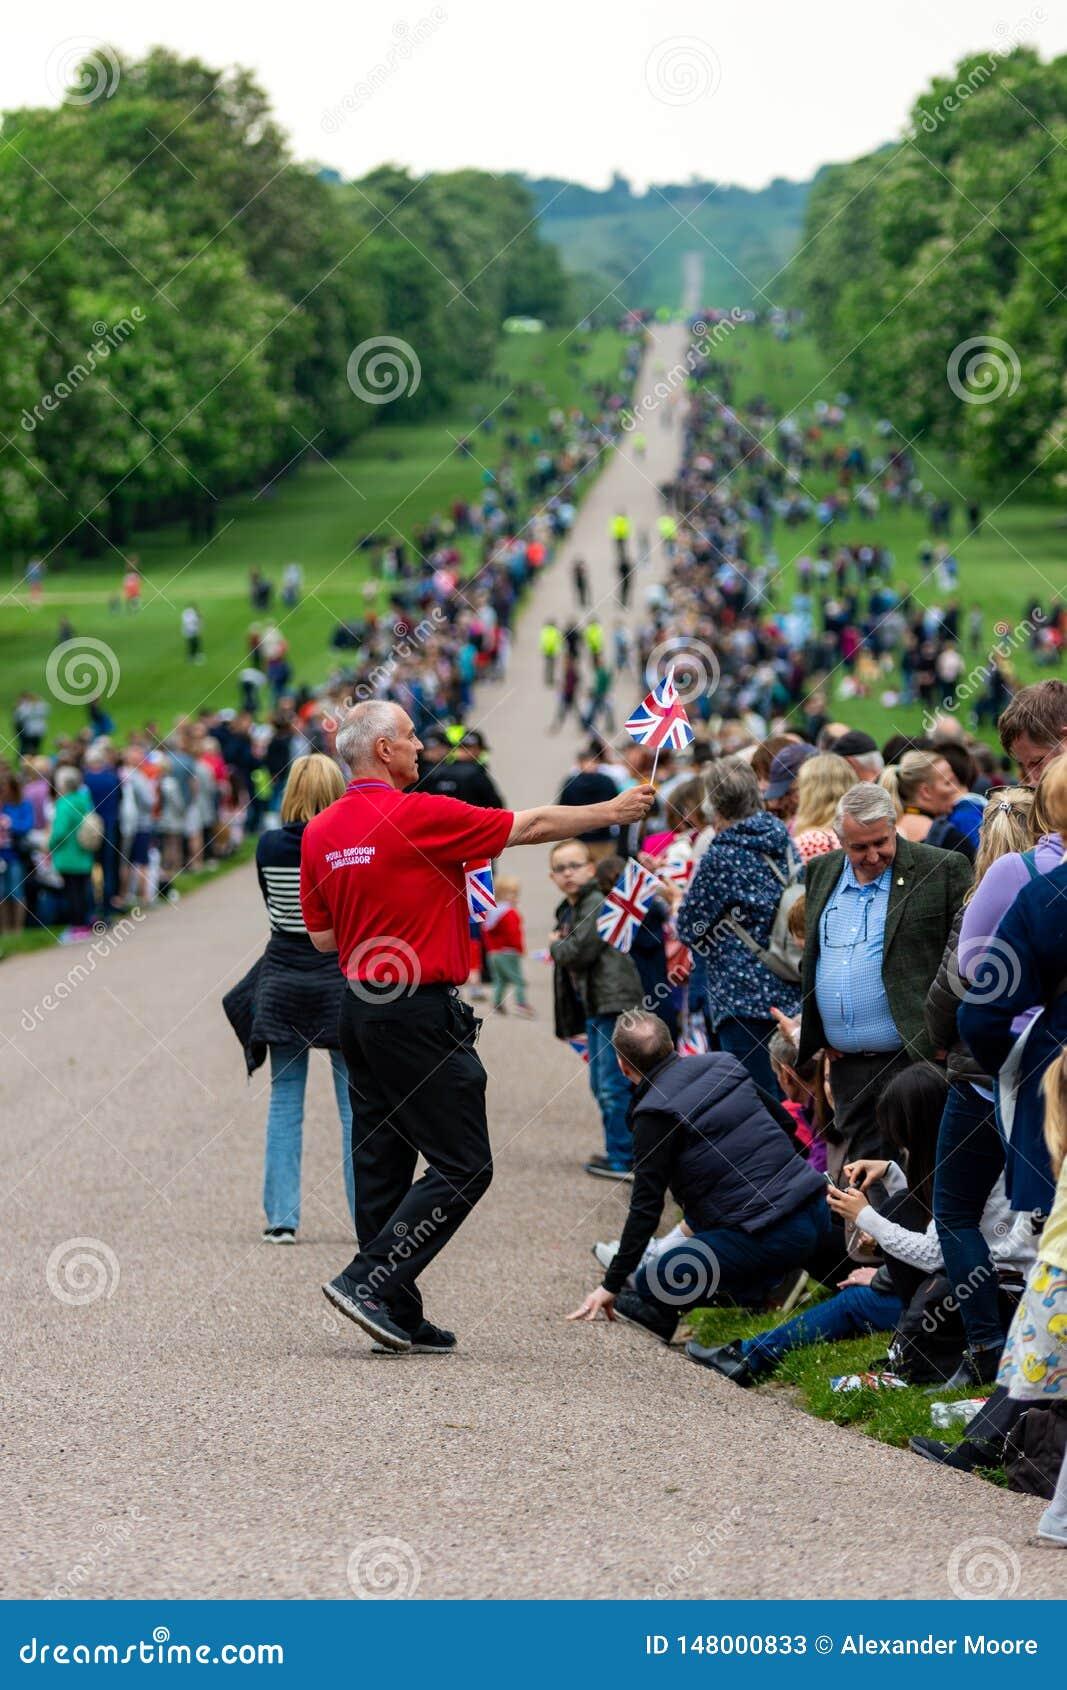 Windsor, ¬â€œ BRITANNIQUE de 'de ââ le 18 mai 2019 : La cavalerie de ménage marquer leur départ aux casernes de Comberme